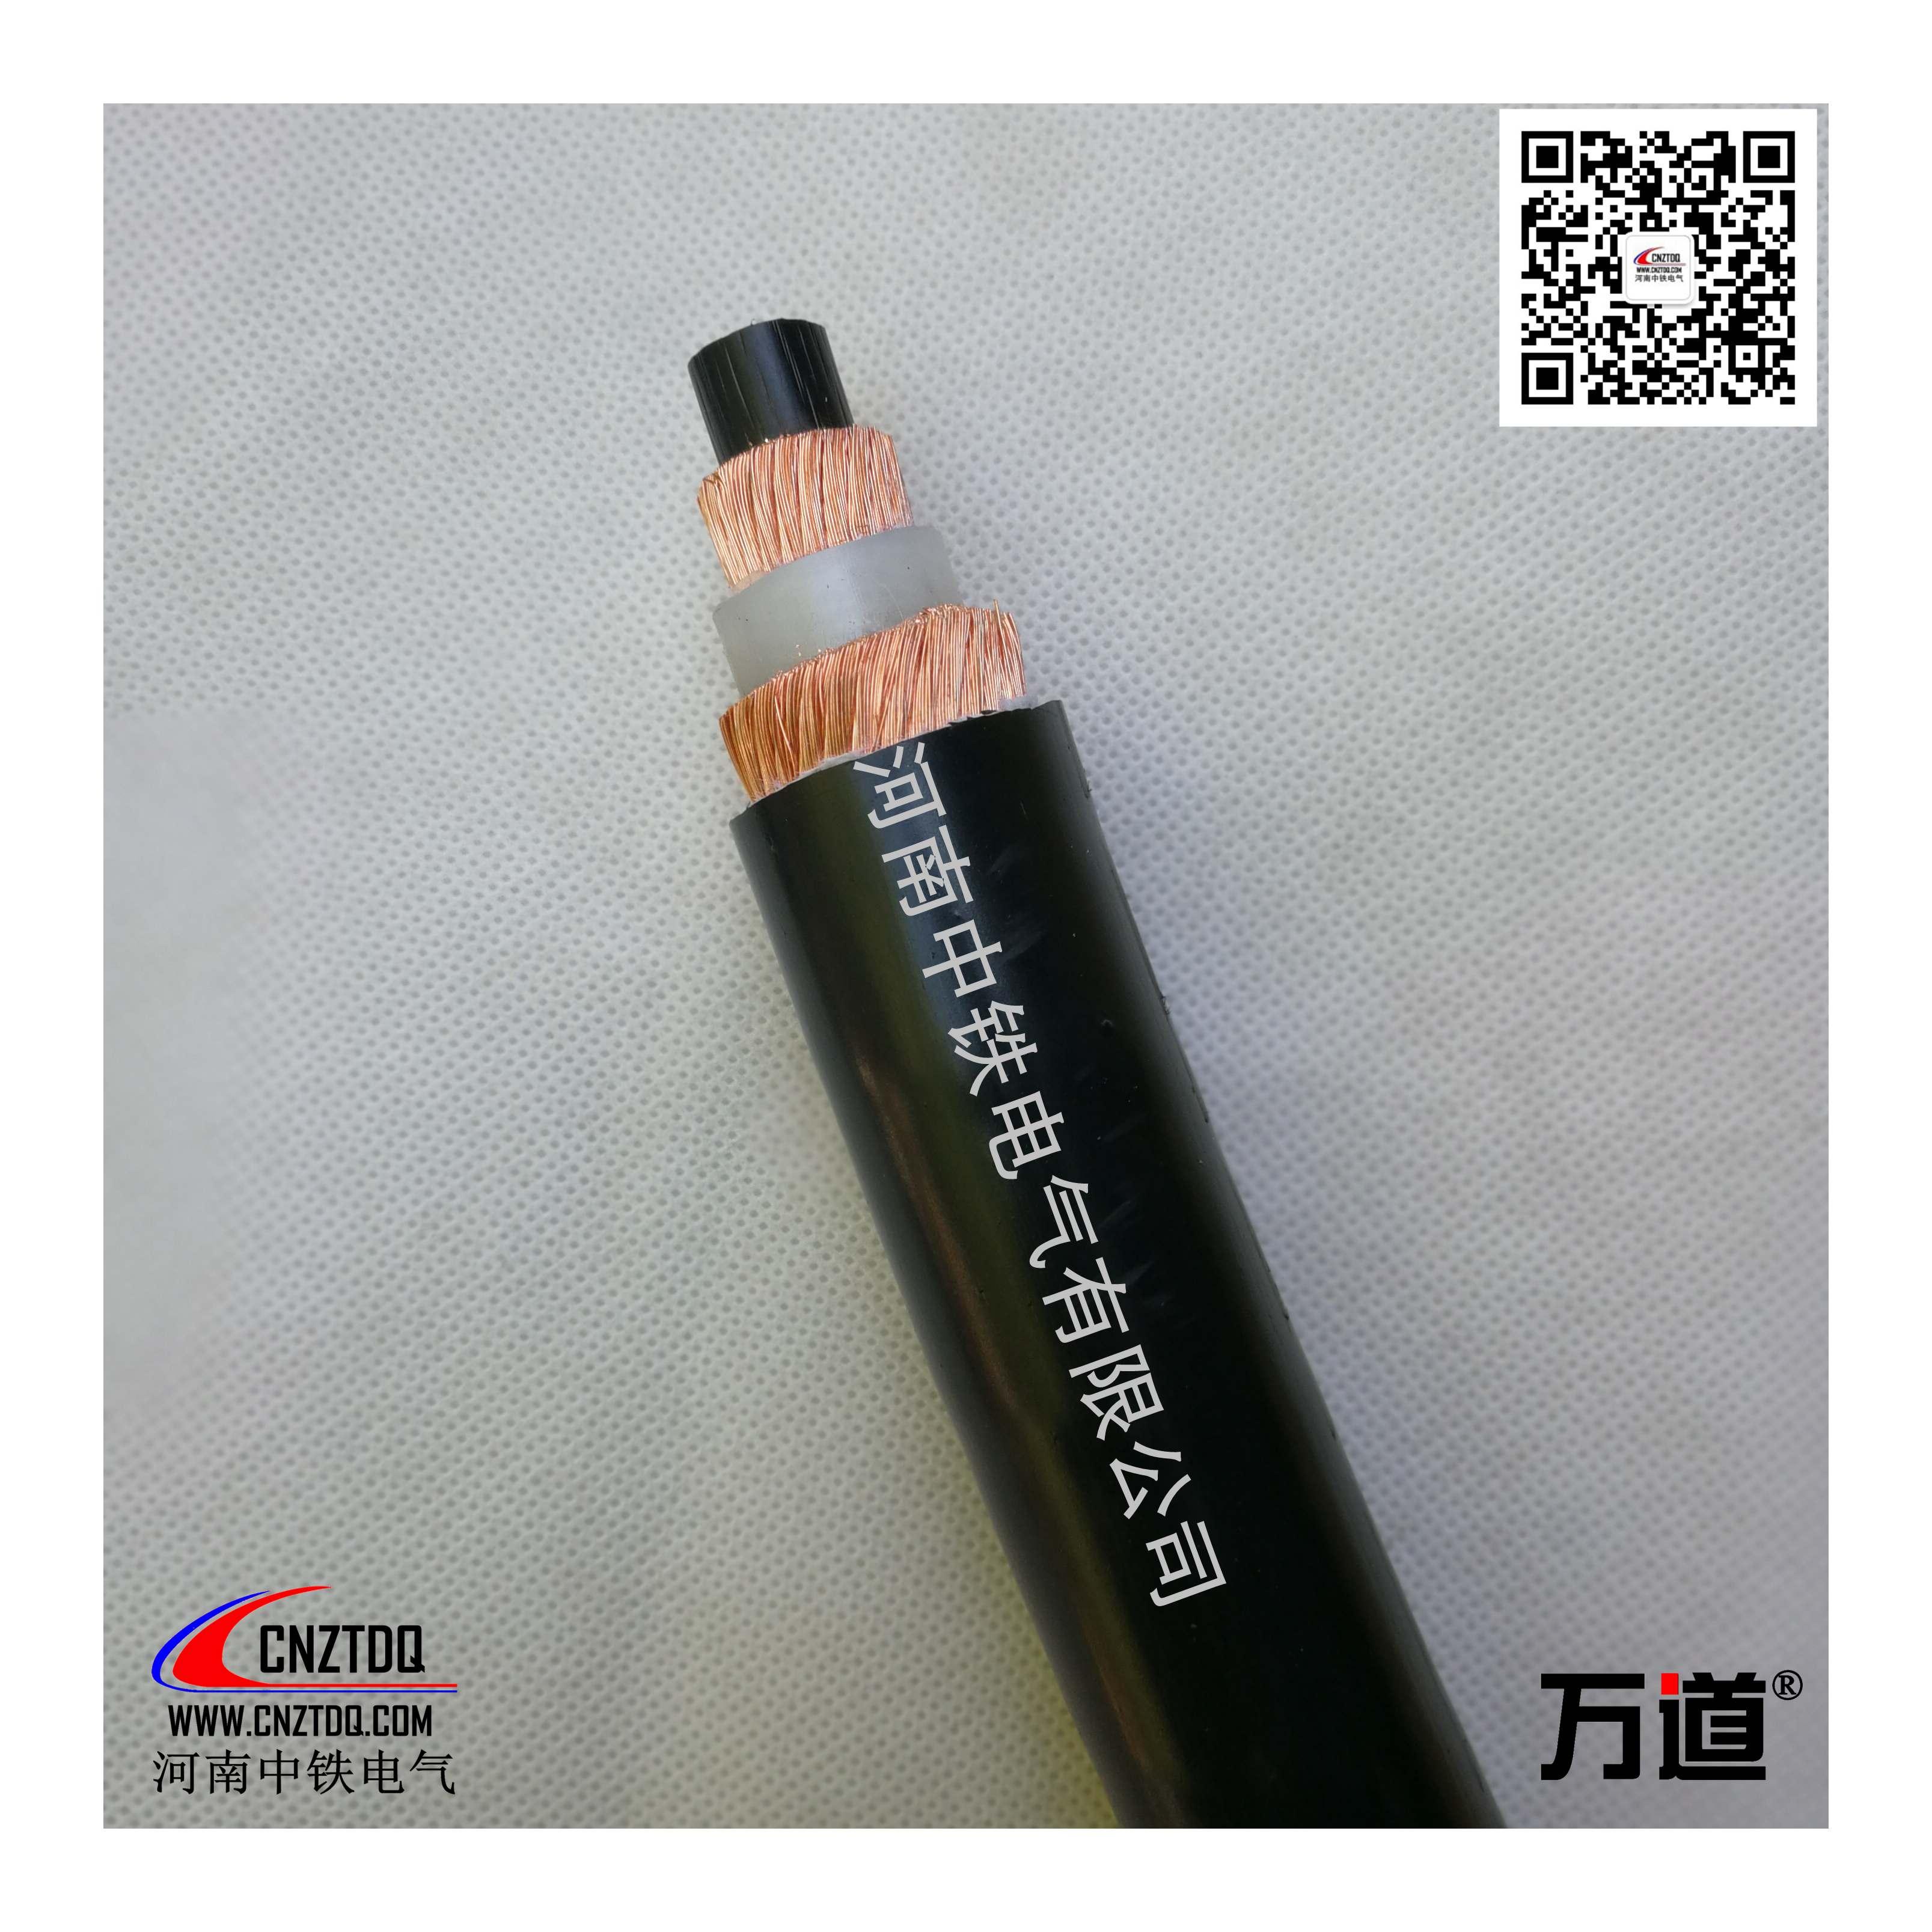 万道牌中频炉专用同轴电缆MYJRVP价格